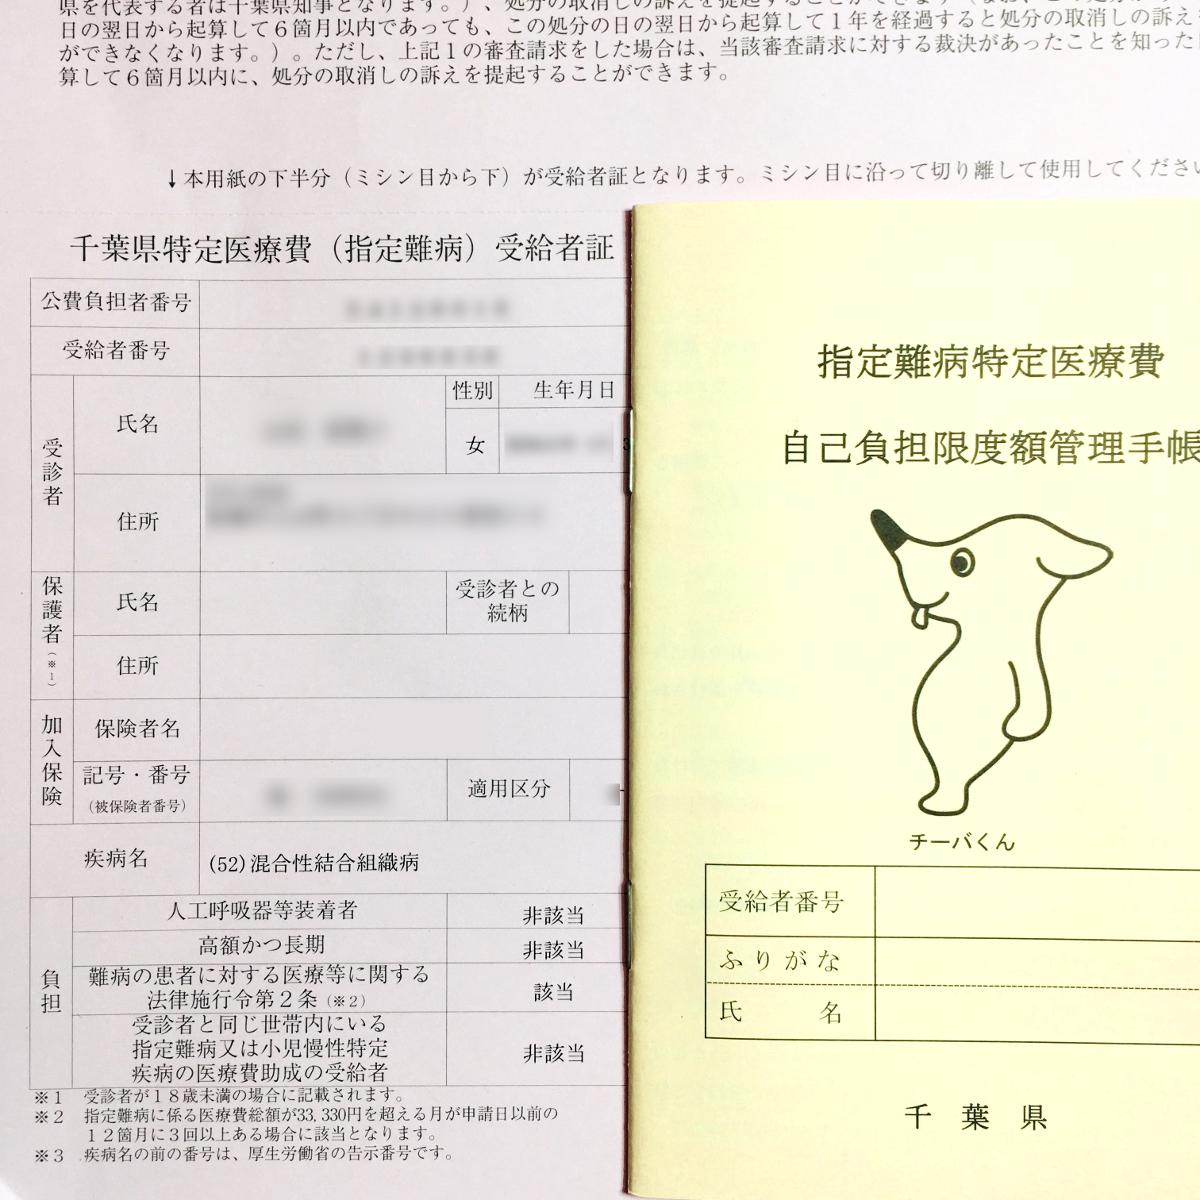 特定医療費(指定難病)の受給者証と自己負担限度額管理手帳